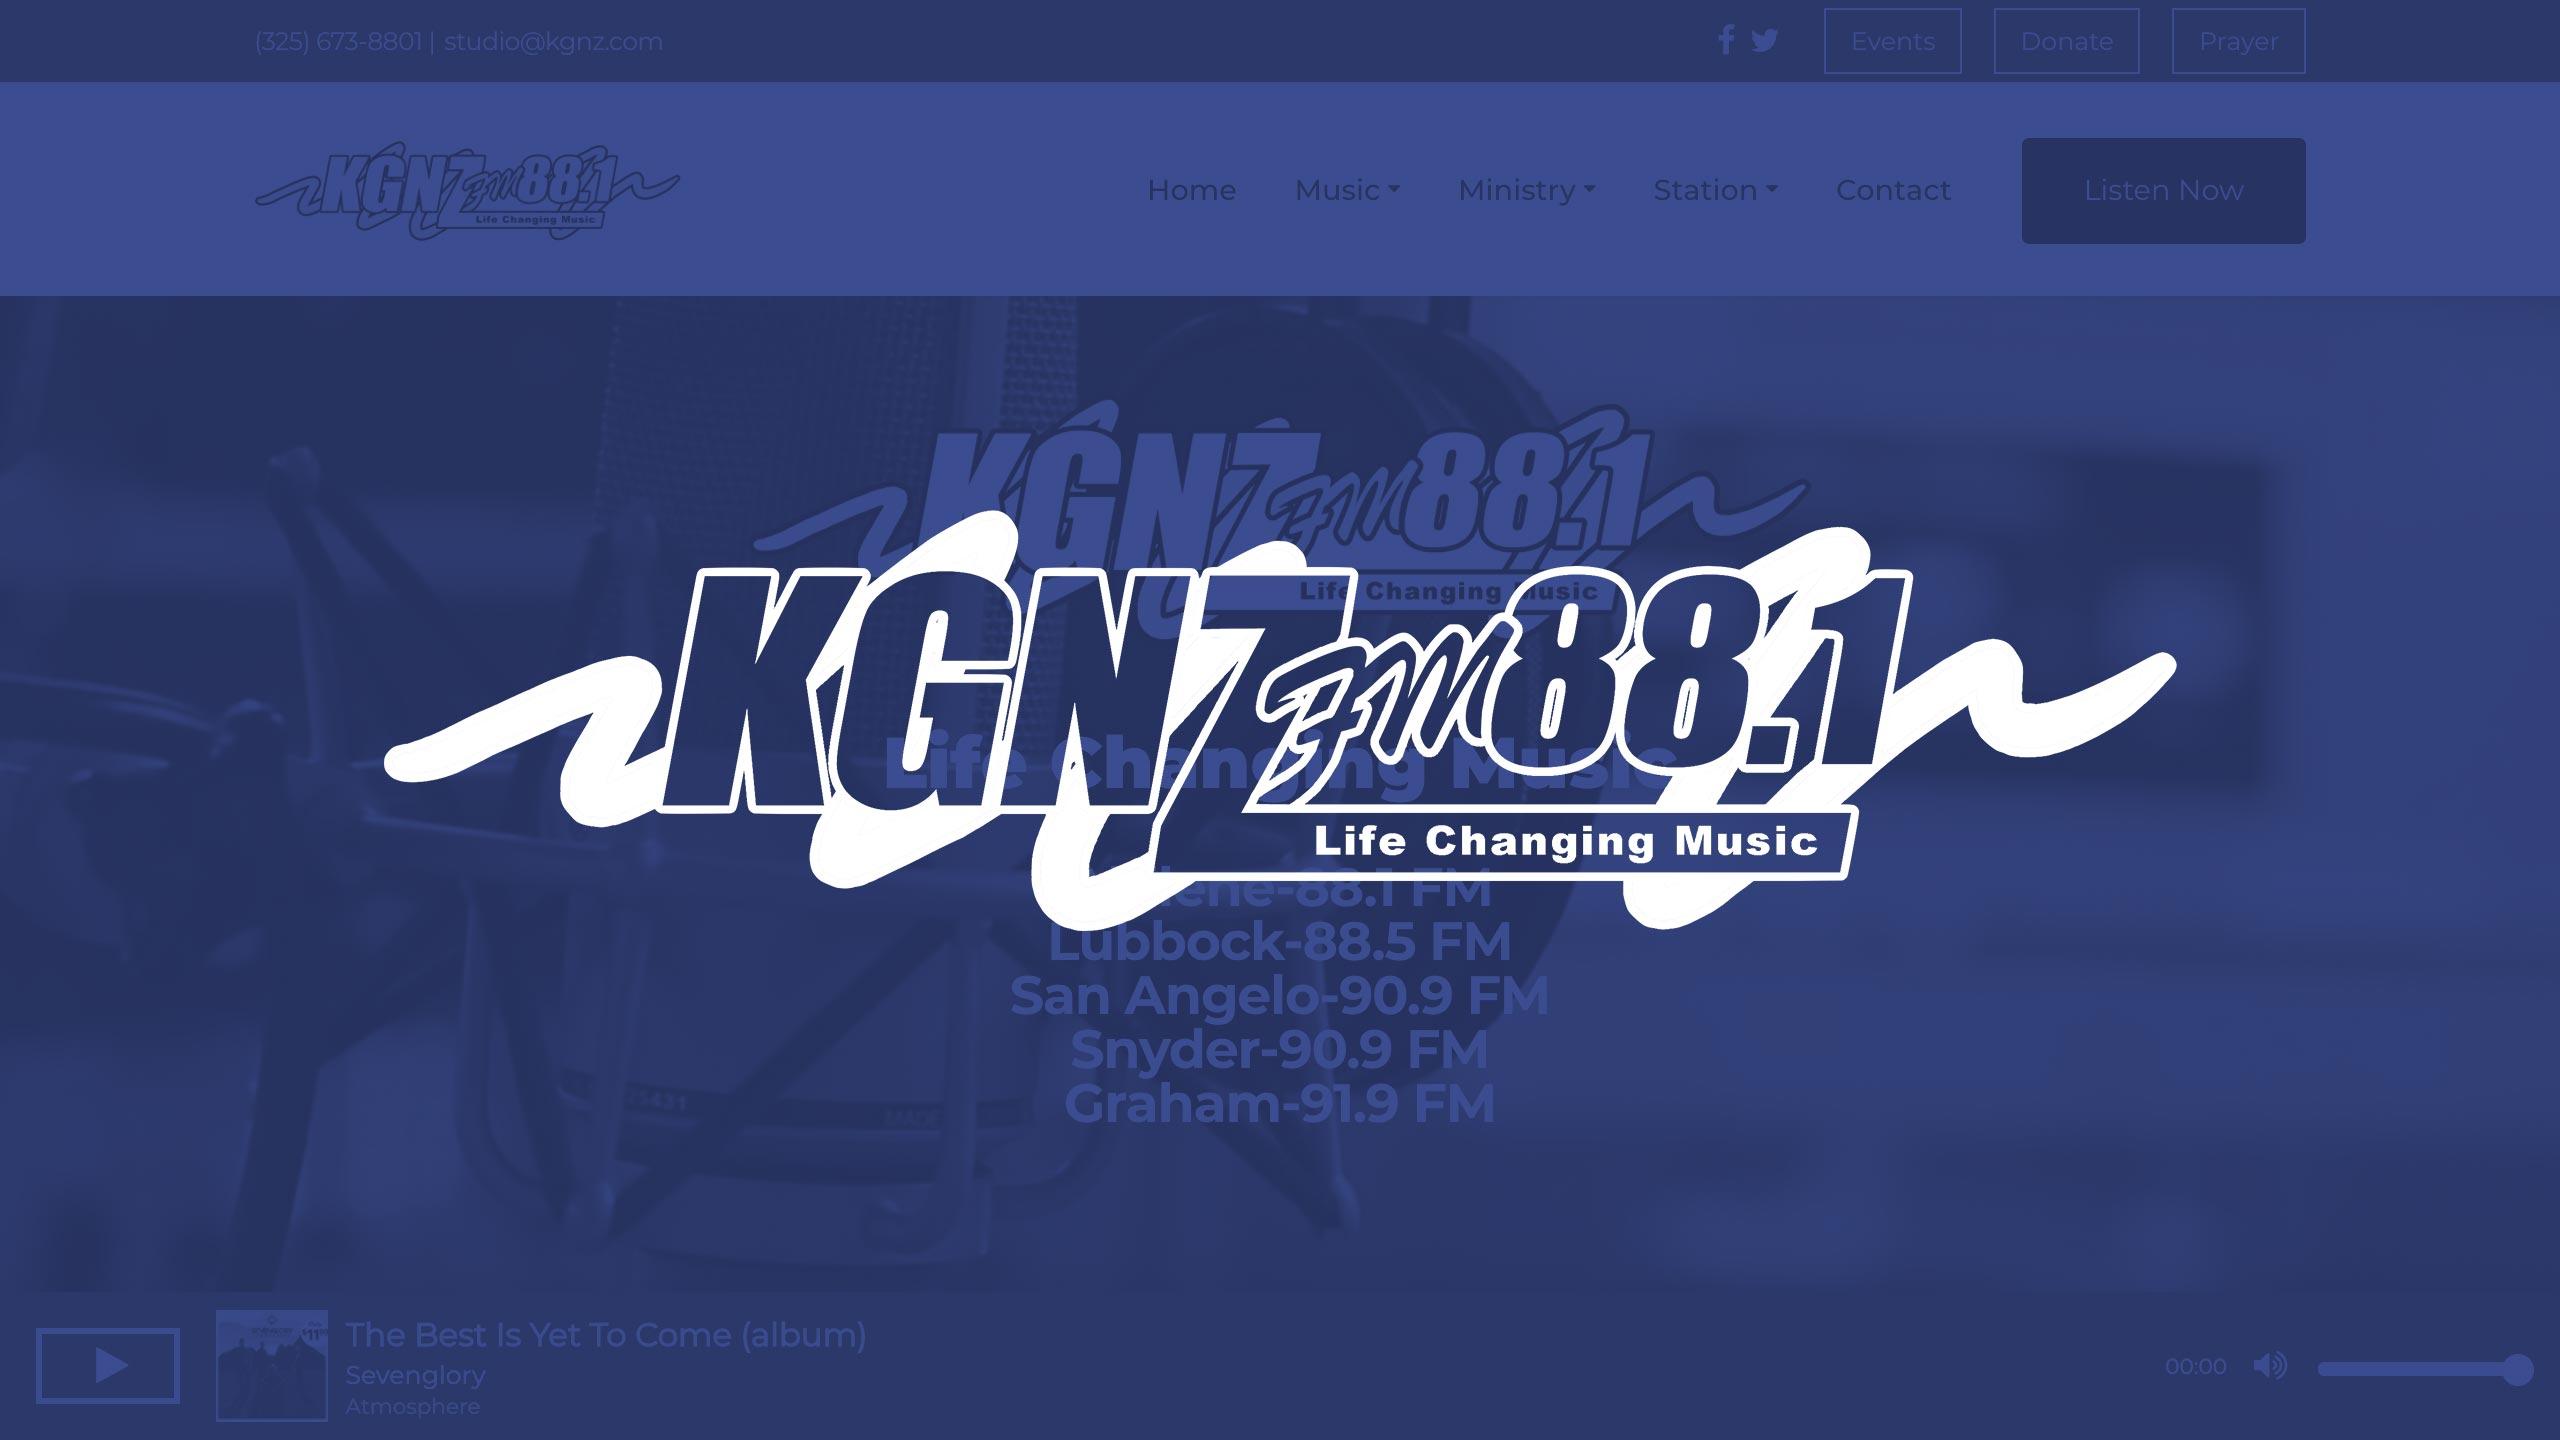 Web Development – KGNZ Radio